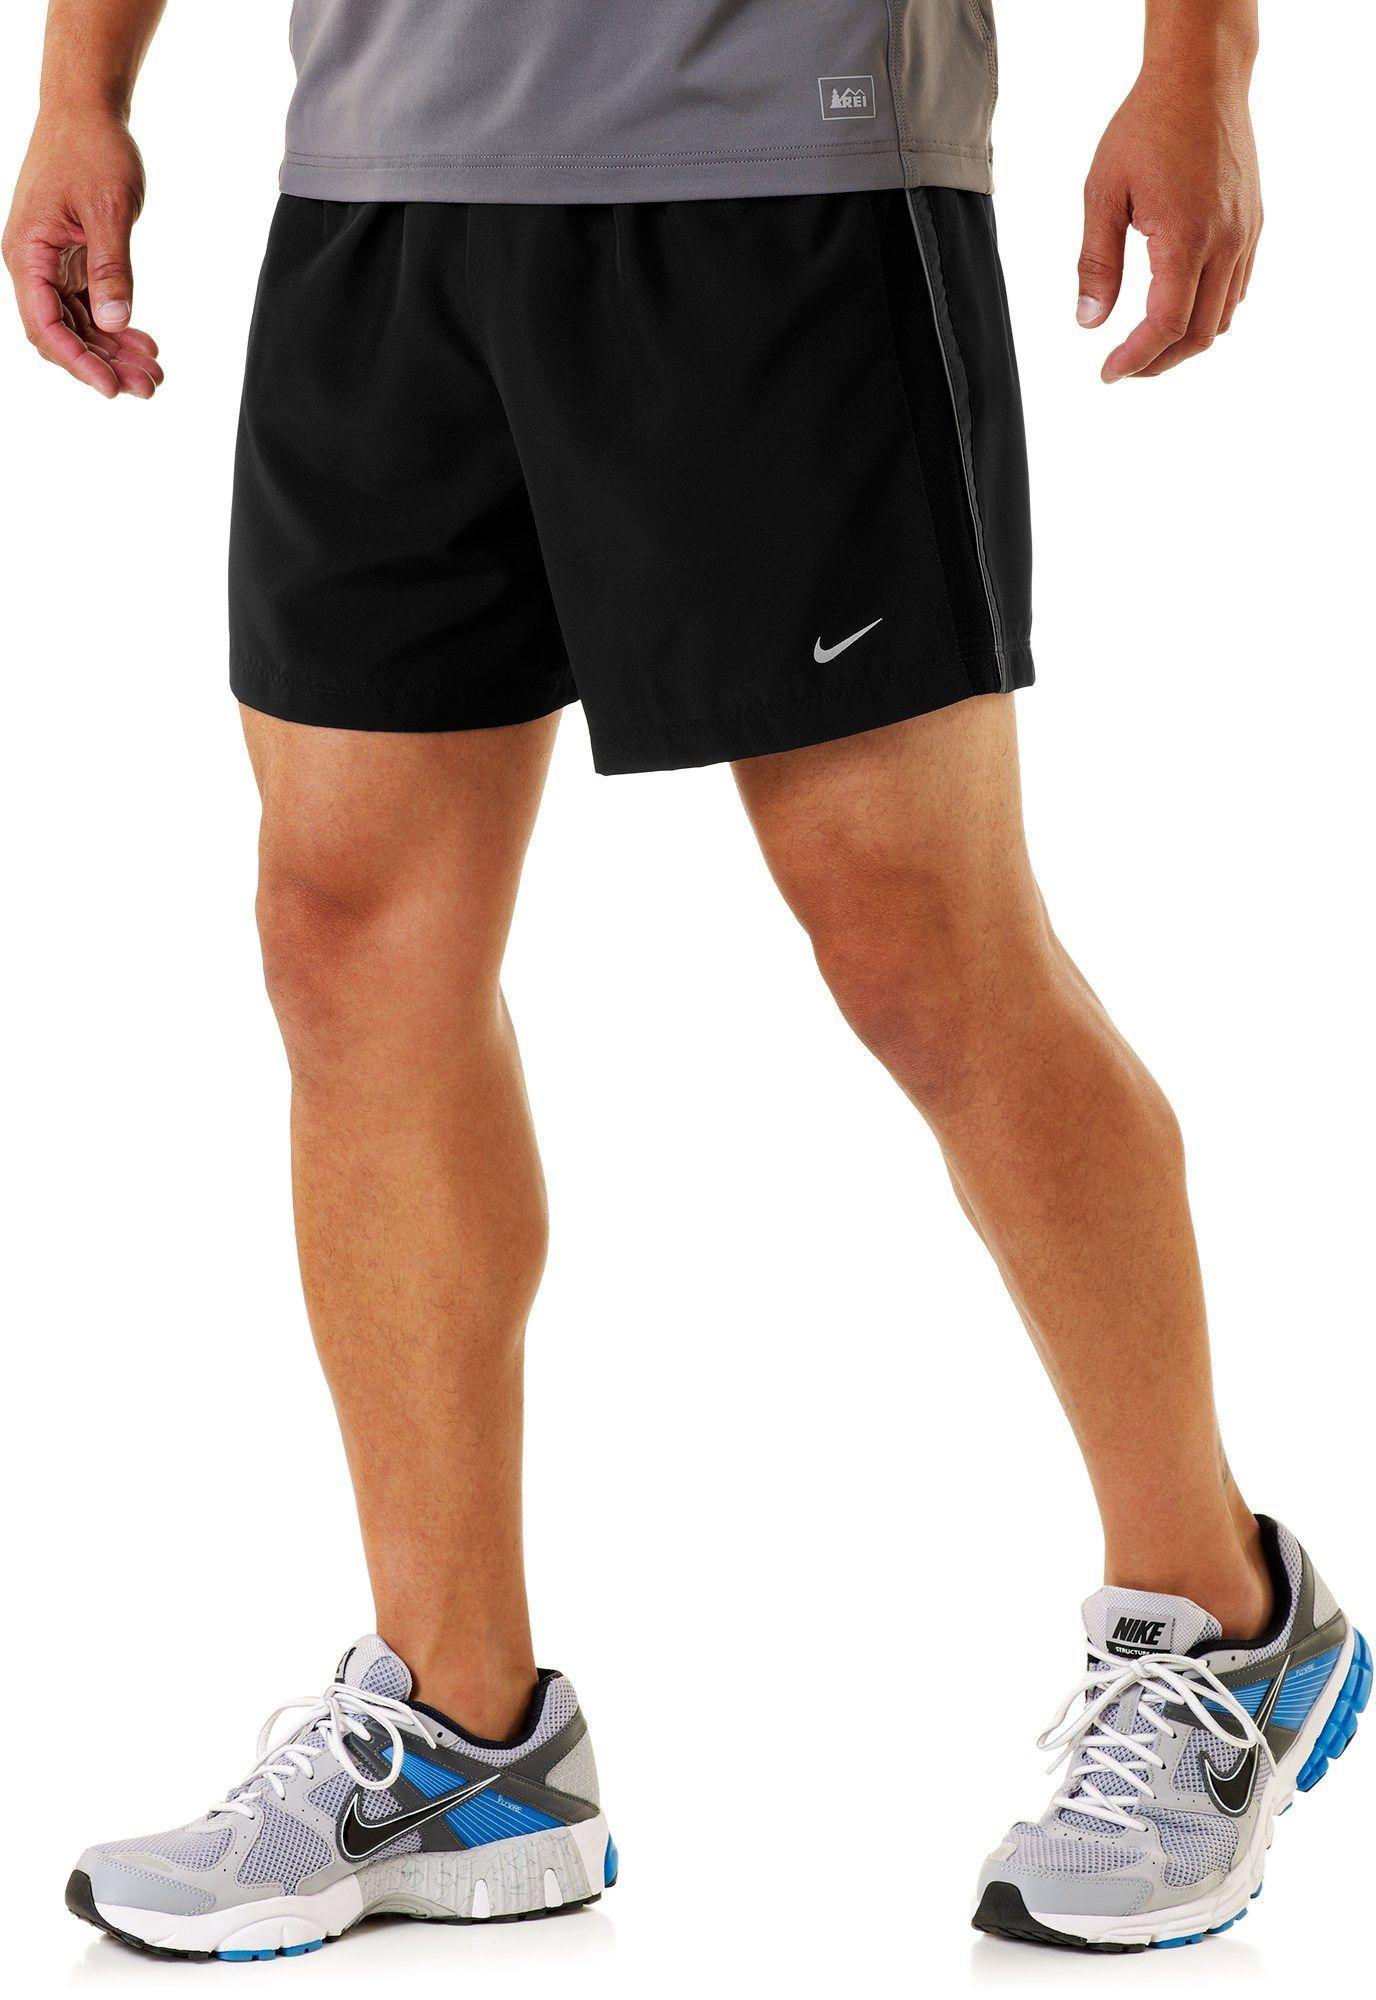 Nike fiveinch woven reflective shorts mens at